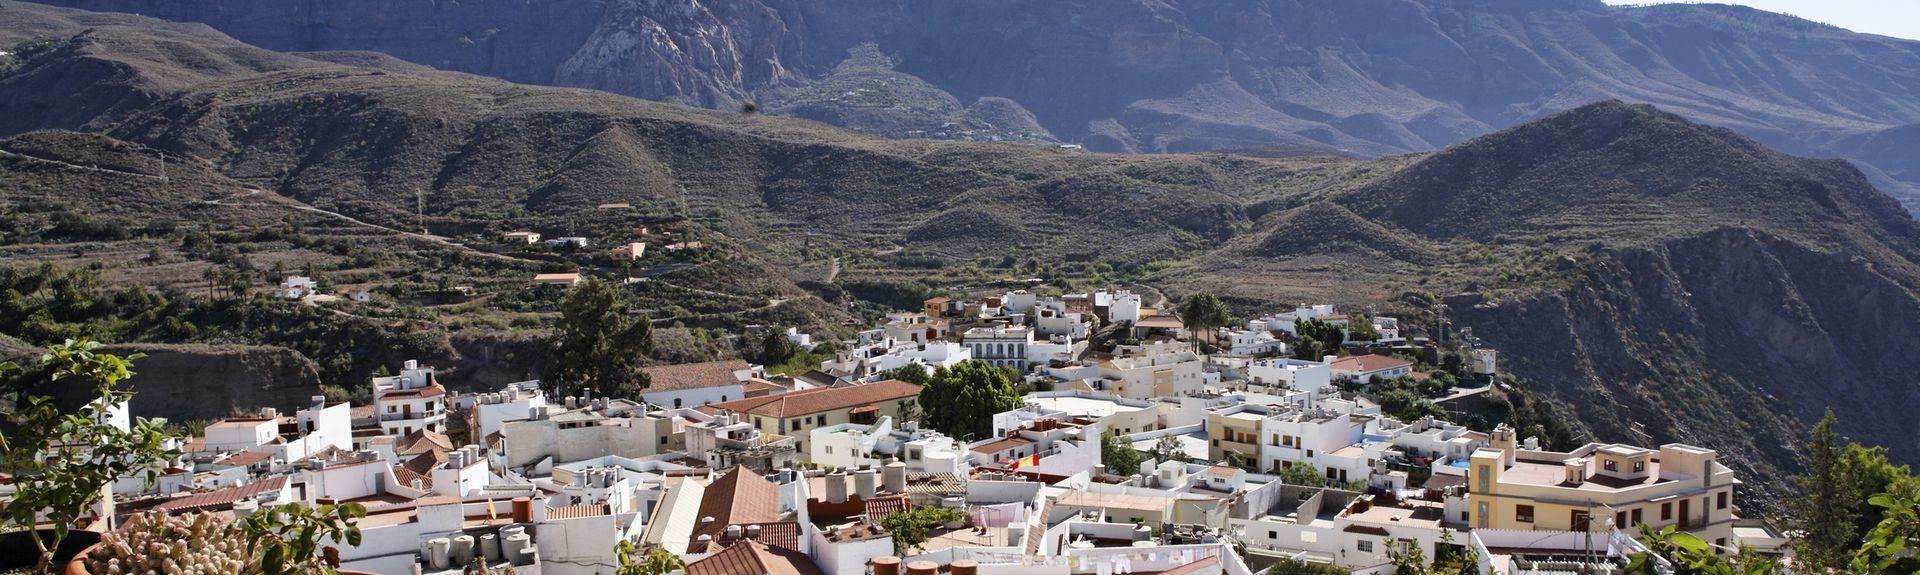 San Bartolome de Tirajana, Kanariansaaret, Espanja